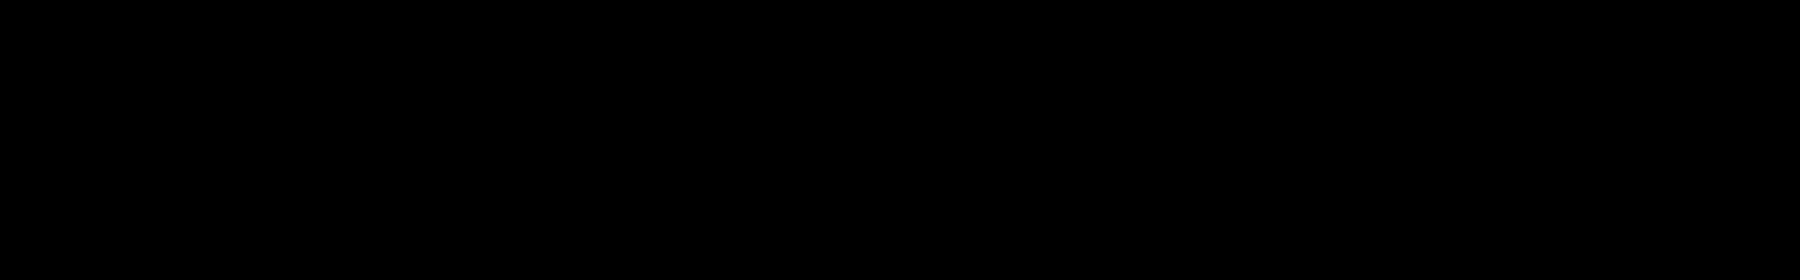 Omnisphere Explorer (Omnisphere 2 Presets) audio waveform